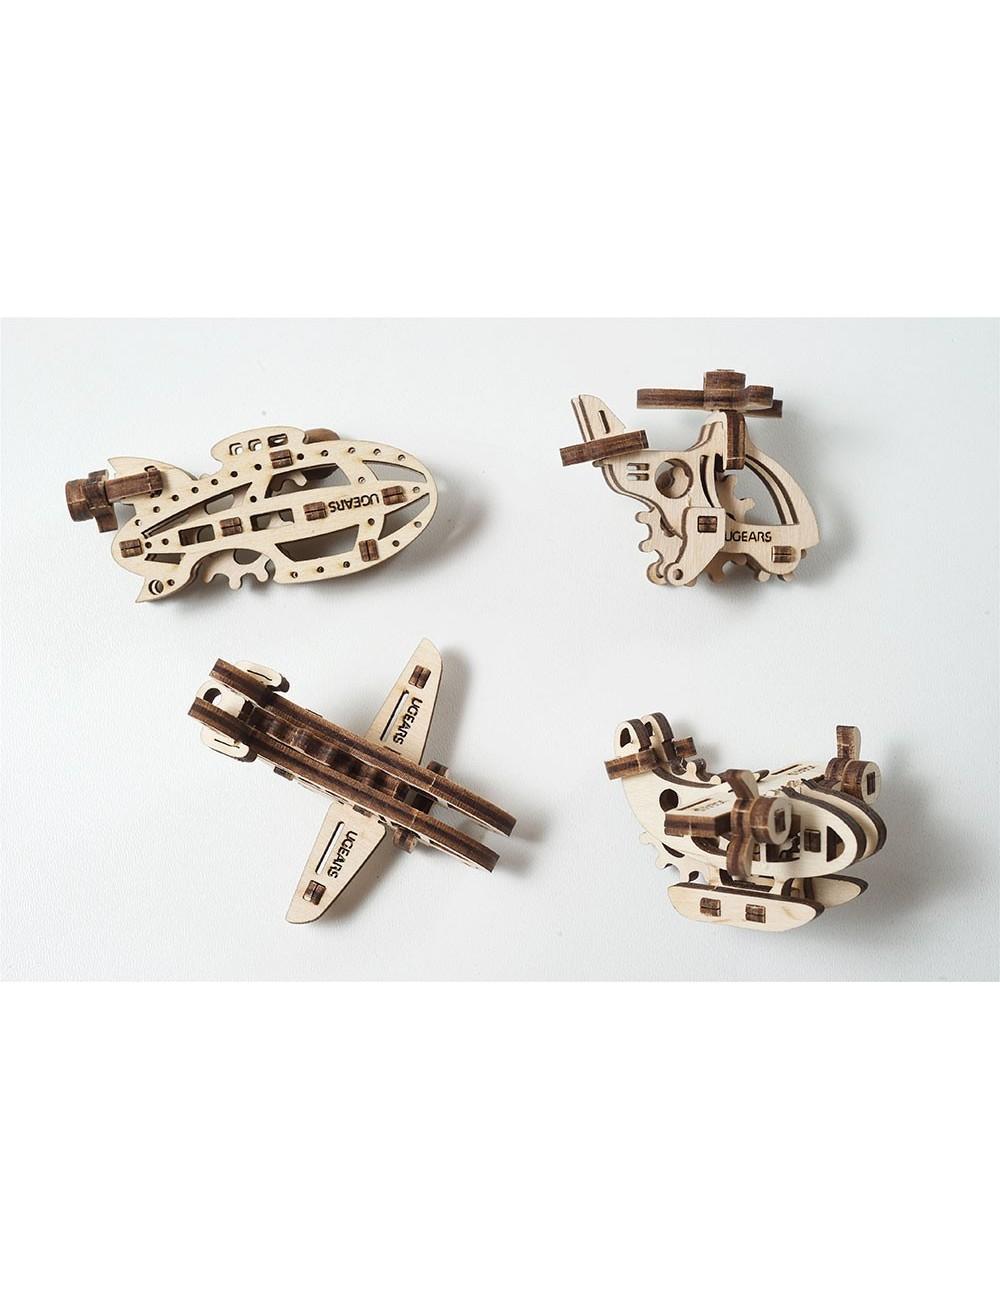 U-Fidget Aviones (U-Fidget Planes)